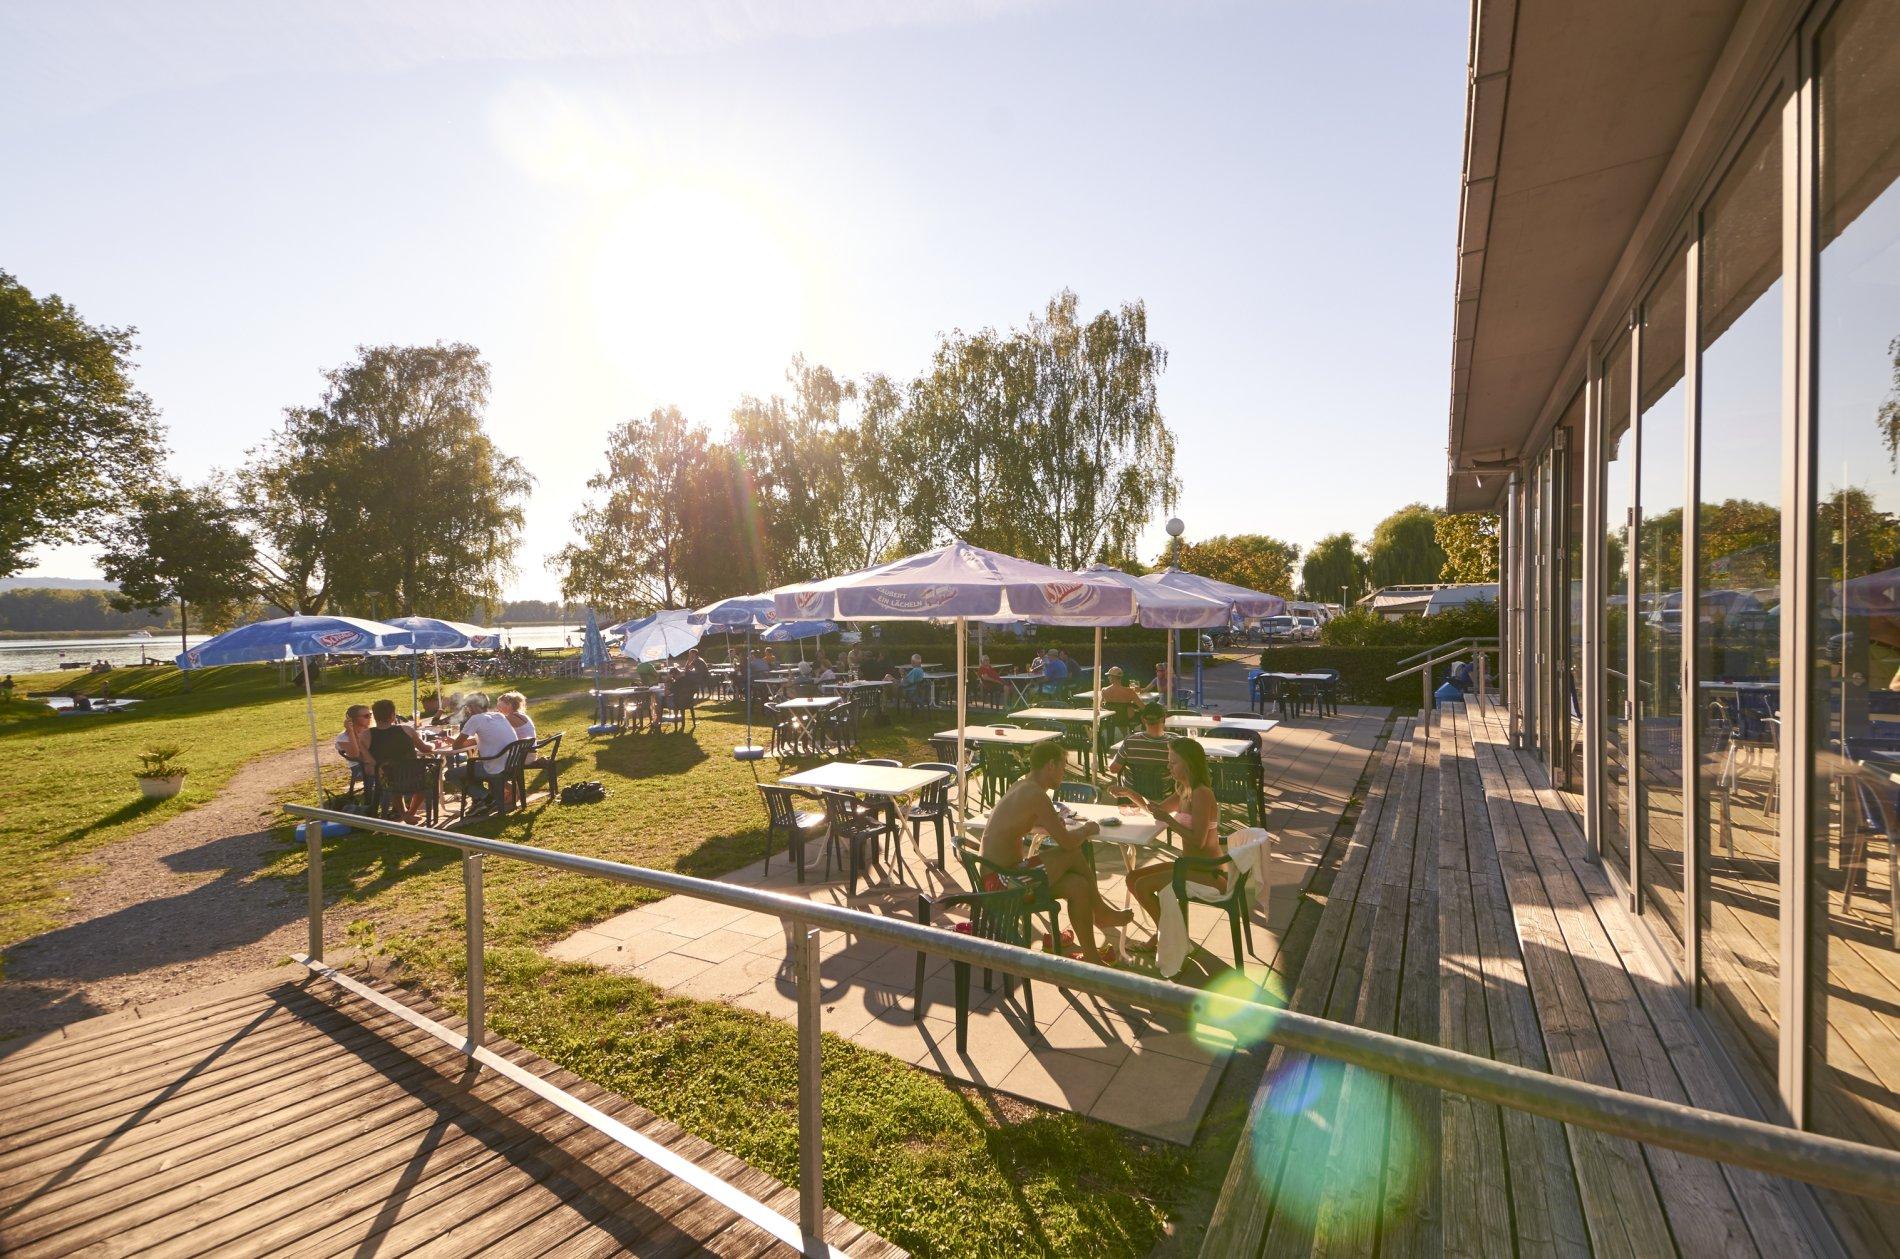 Kiosk am Strandbad und Campingplatz Markelfingen